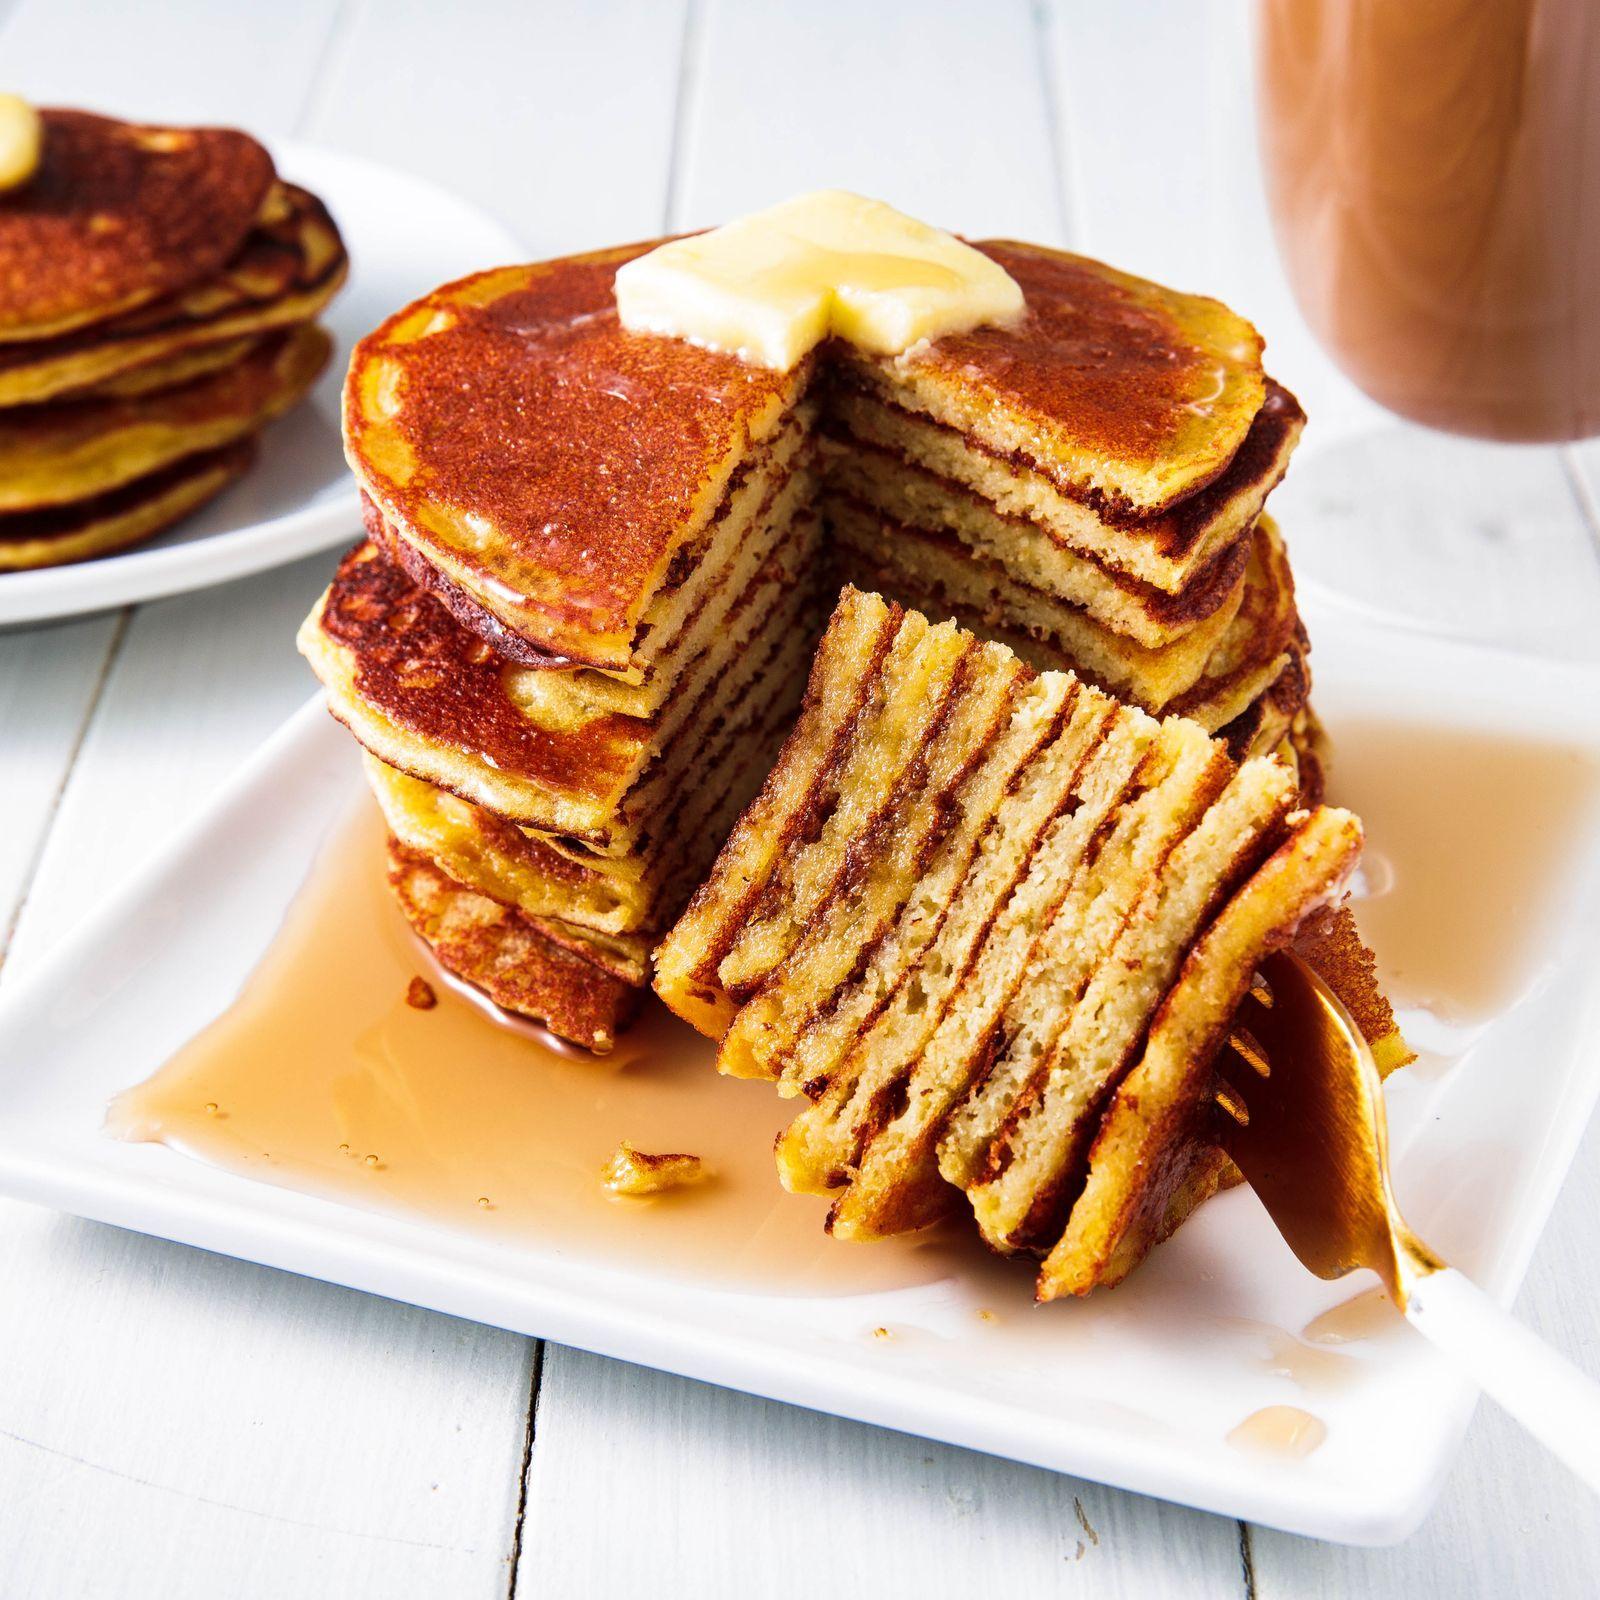 Coconut Flour Pancakes Recipe Coconut flour, Pancakes